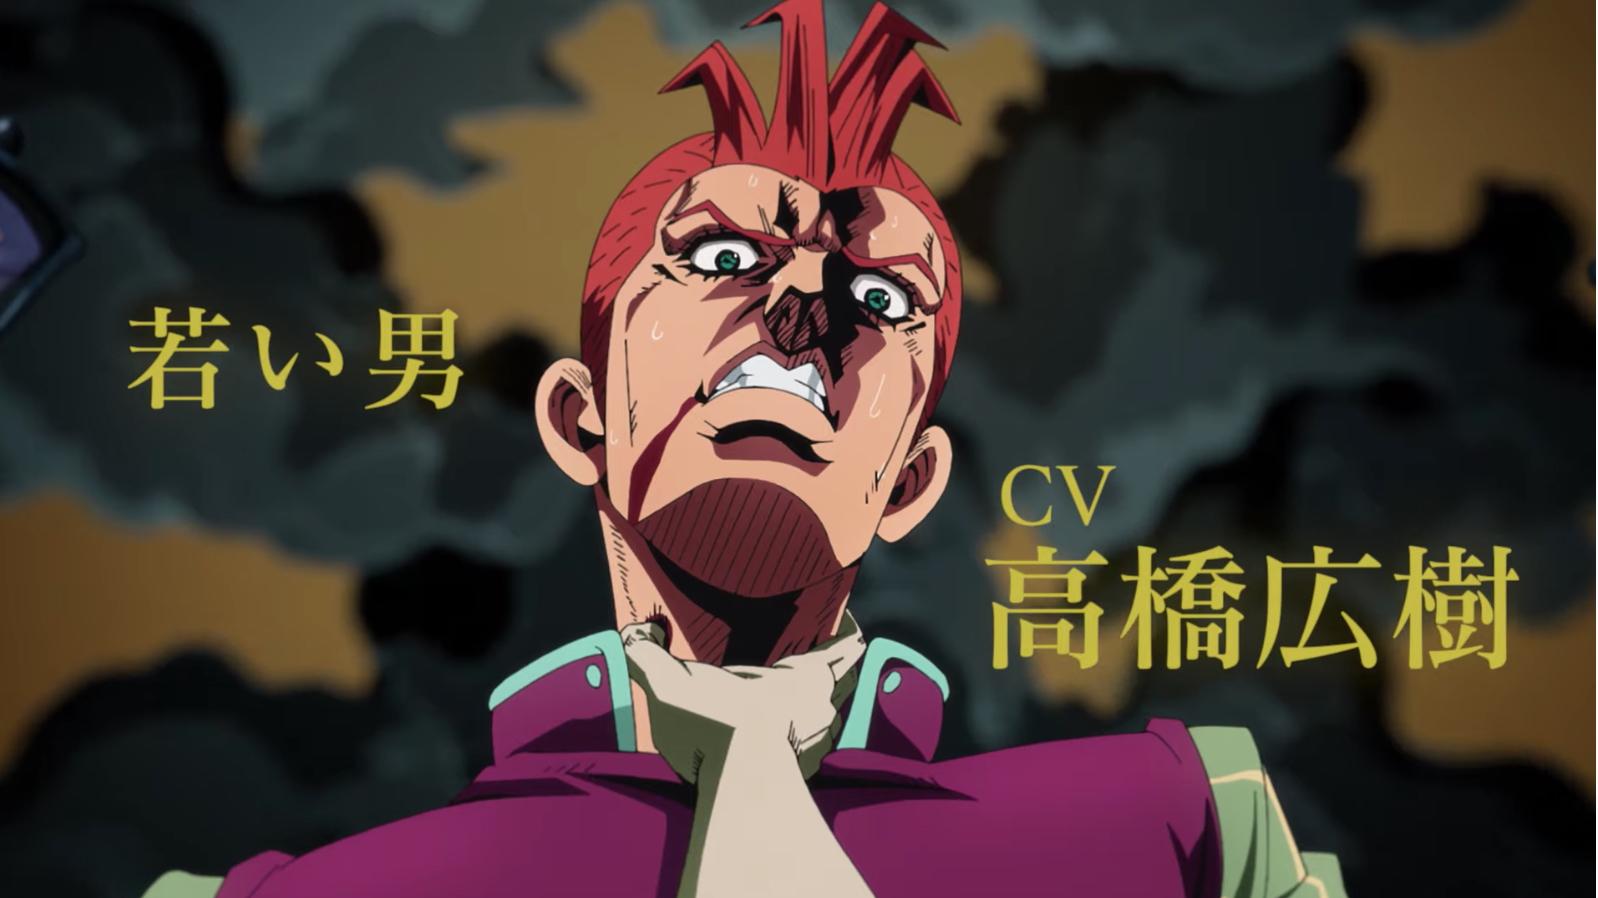 新作OVA『岸辺露伴は動かない 懺悔室』新PV&ジャケット解禁!若い男が次第に追い詰められていく